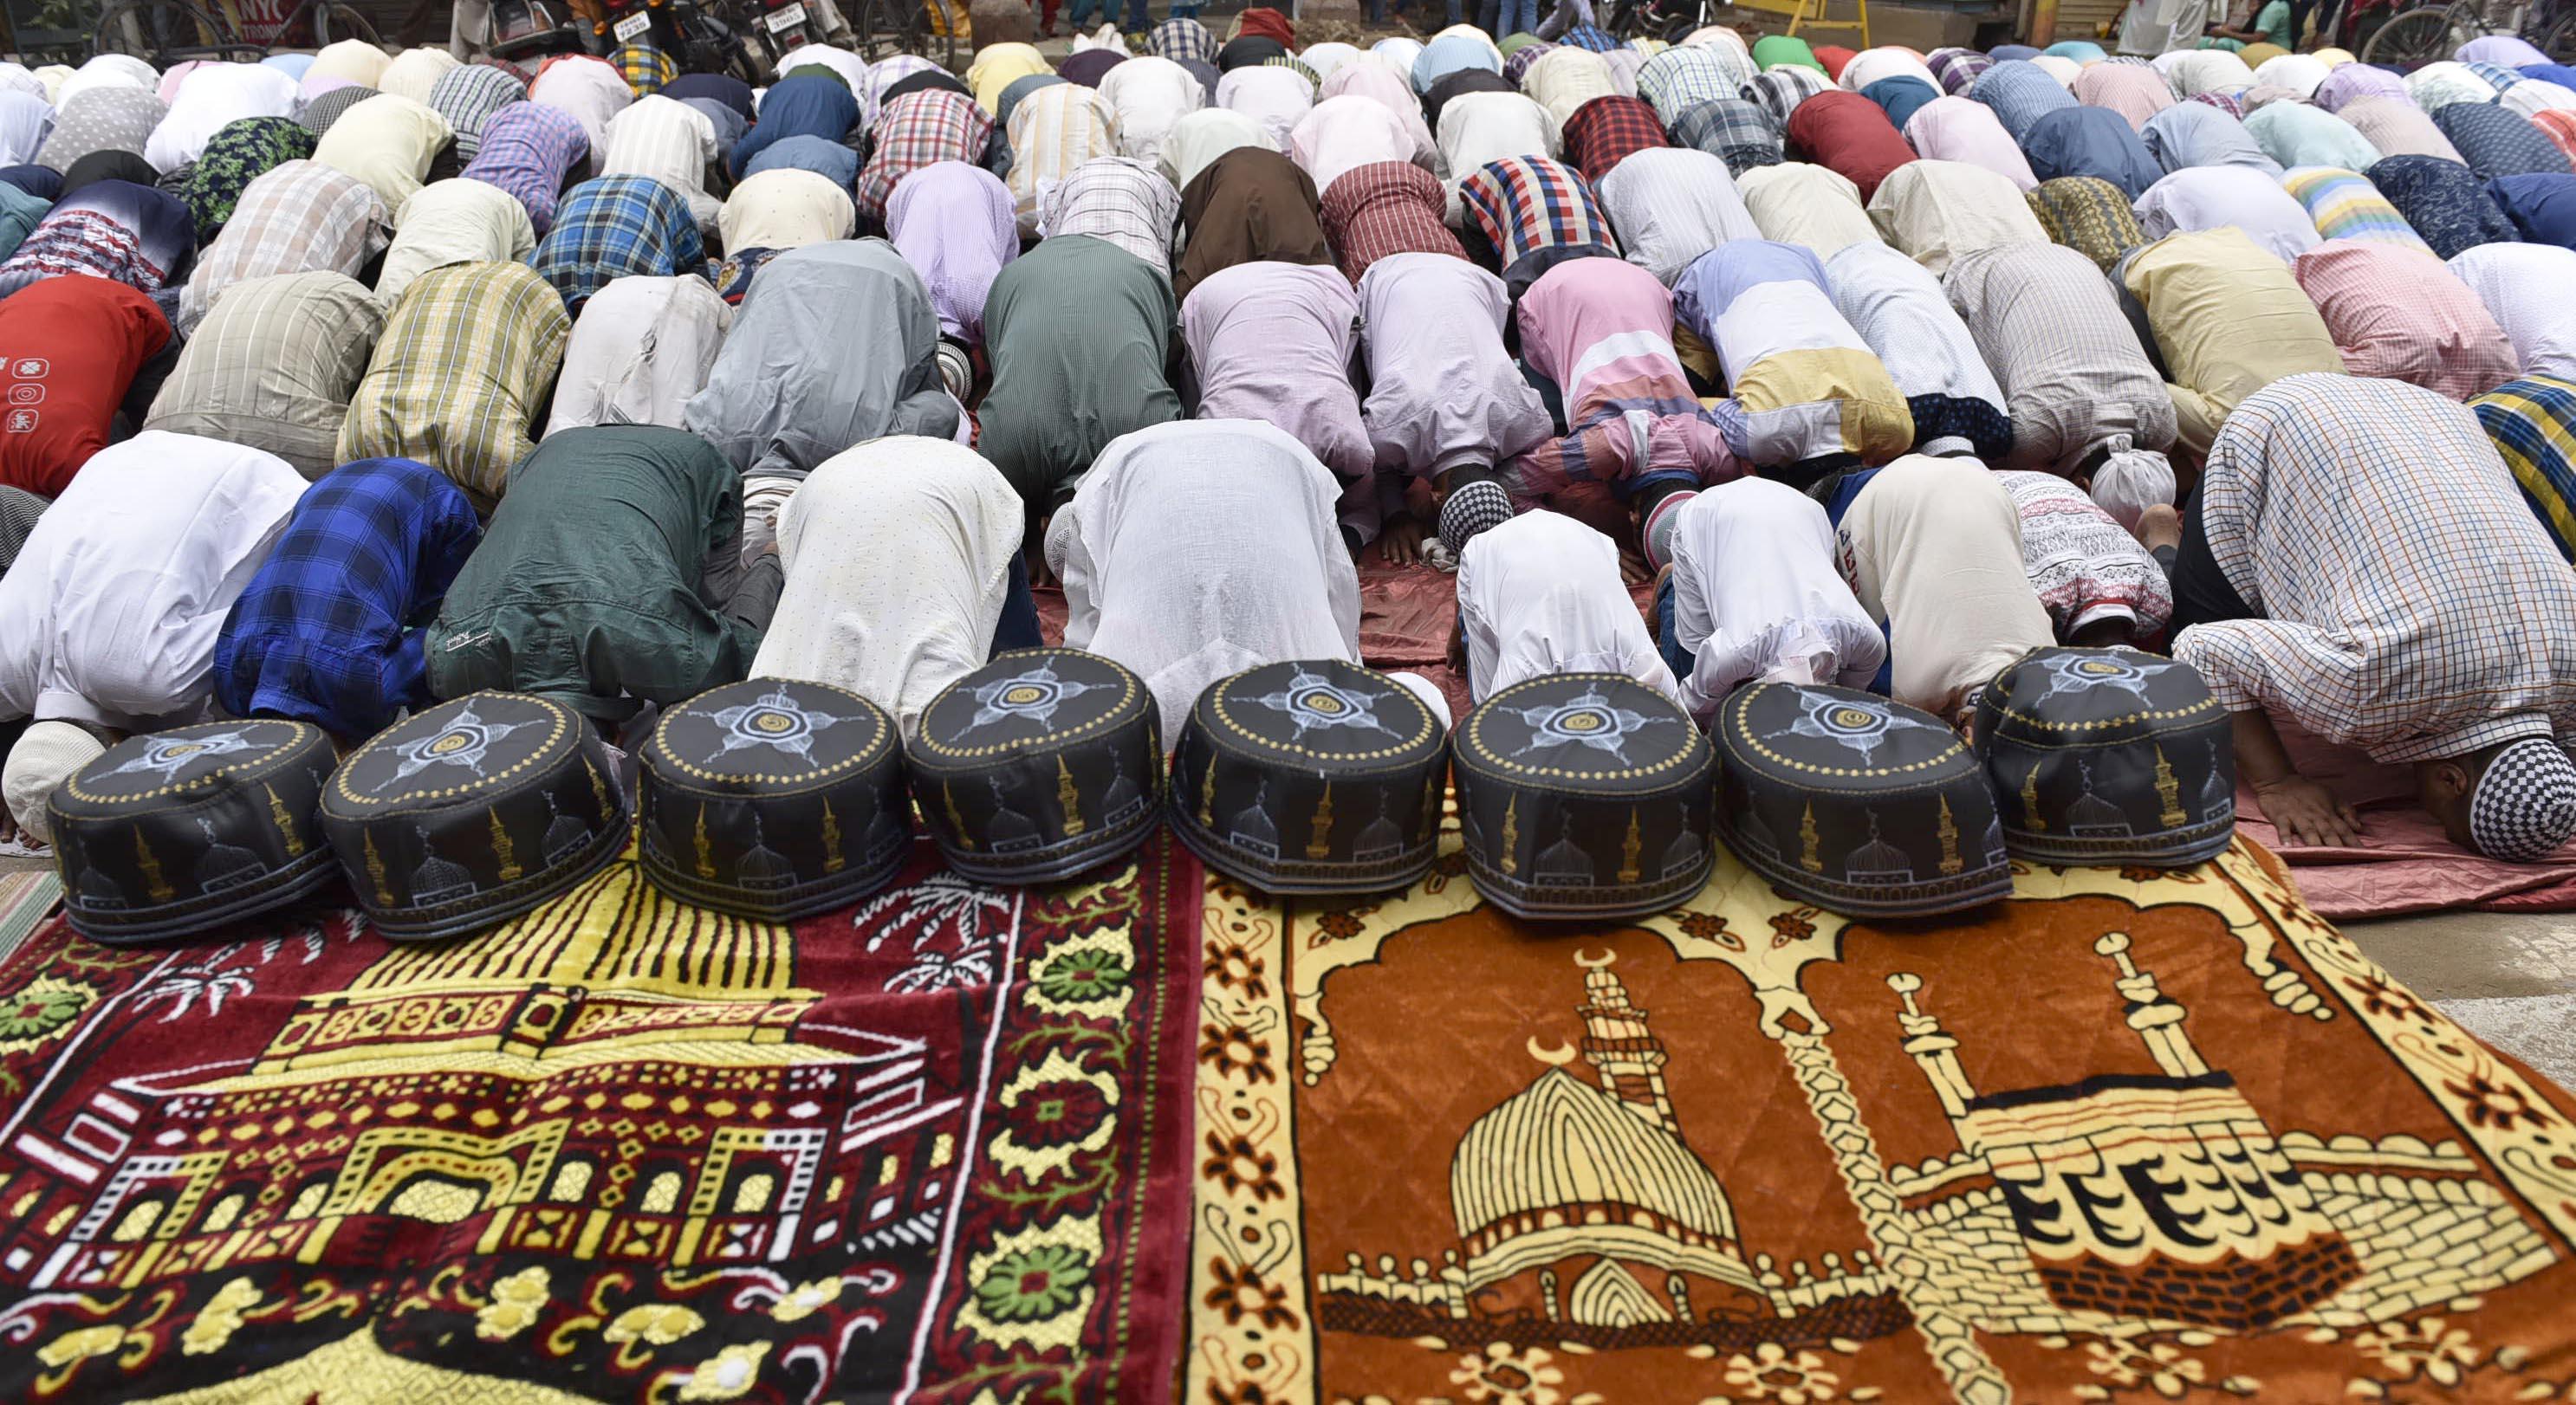 Cristiani ospiti in moschea? Gli islamici non li vogliono